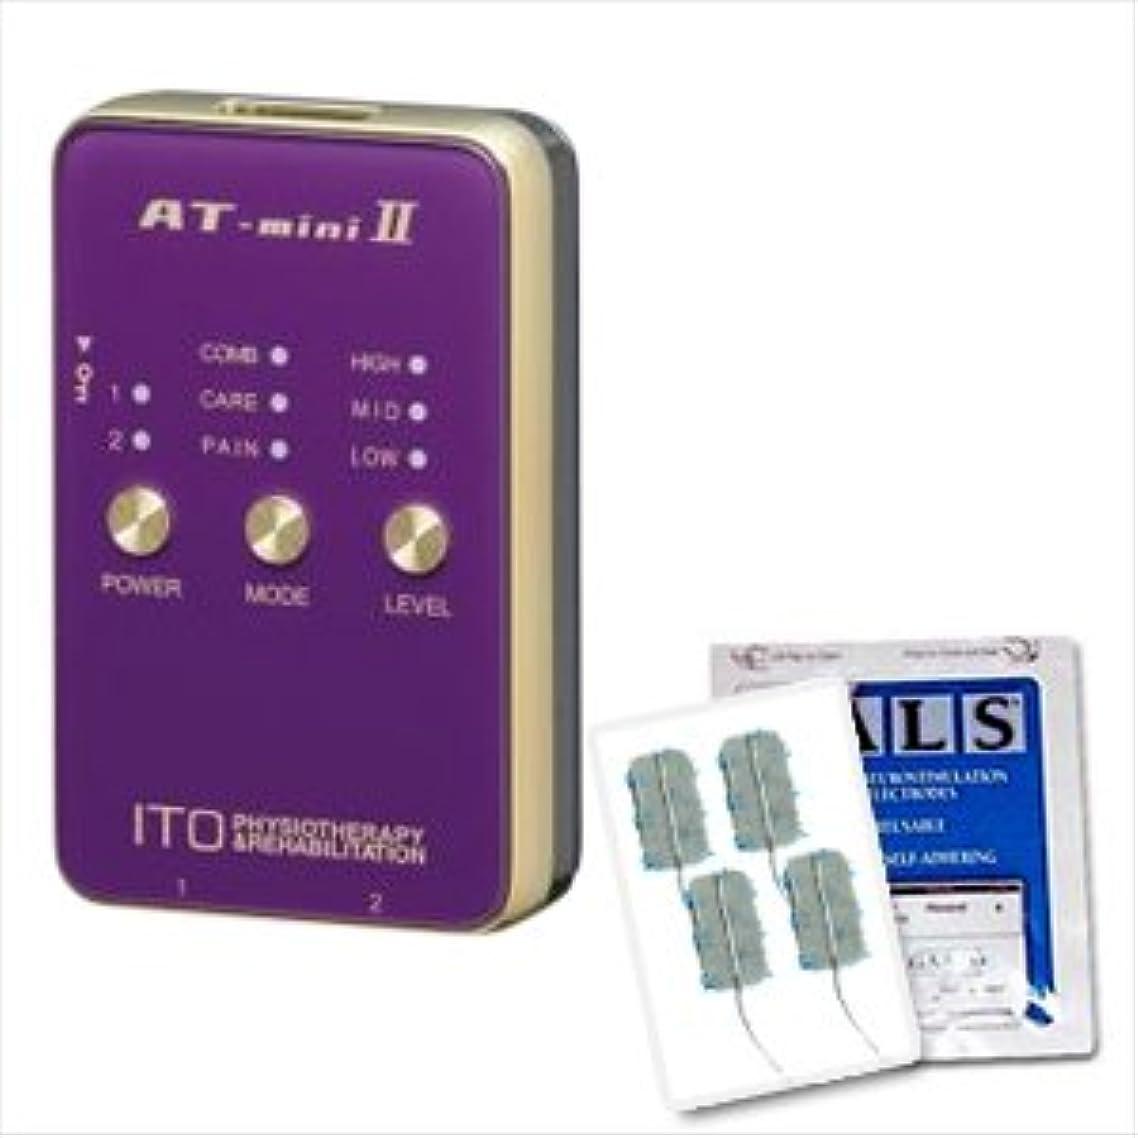 ケーブルカーシェフお祝い低周波治療器 AT-mini II パープル +アクセルガードLサイズ(5x9cm:1袋4枚入)セット